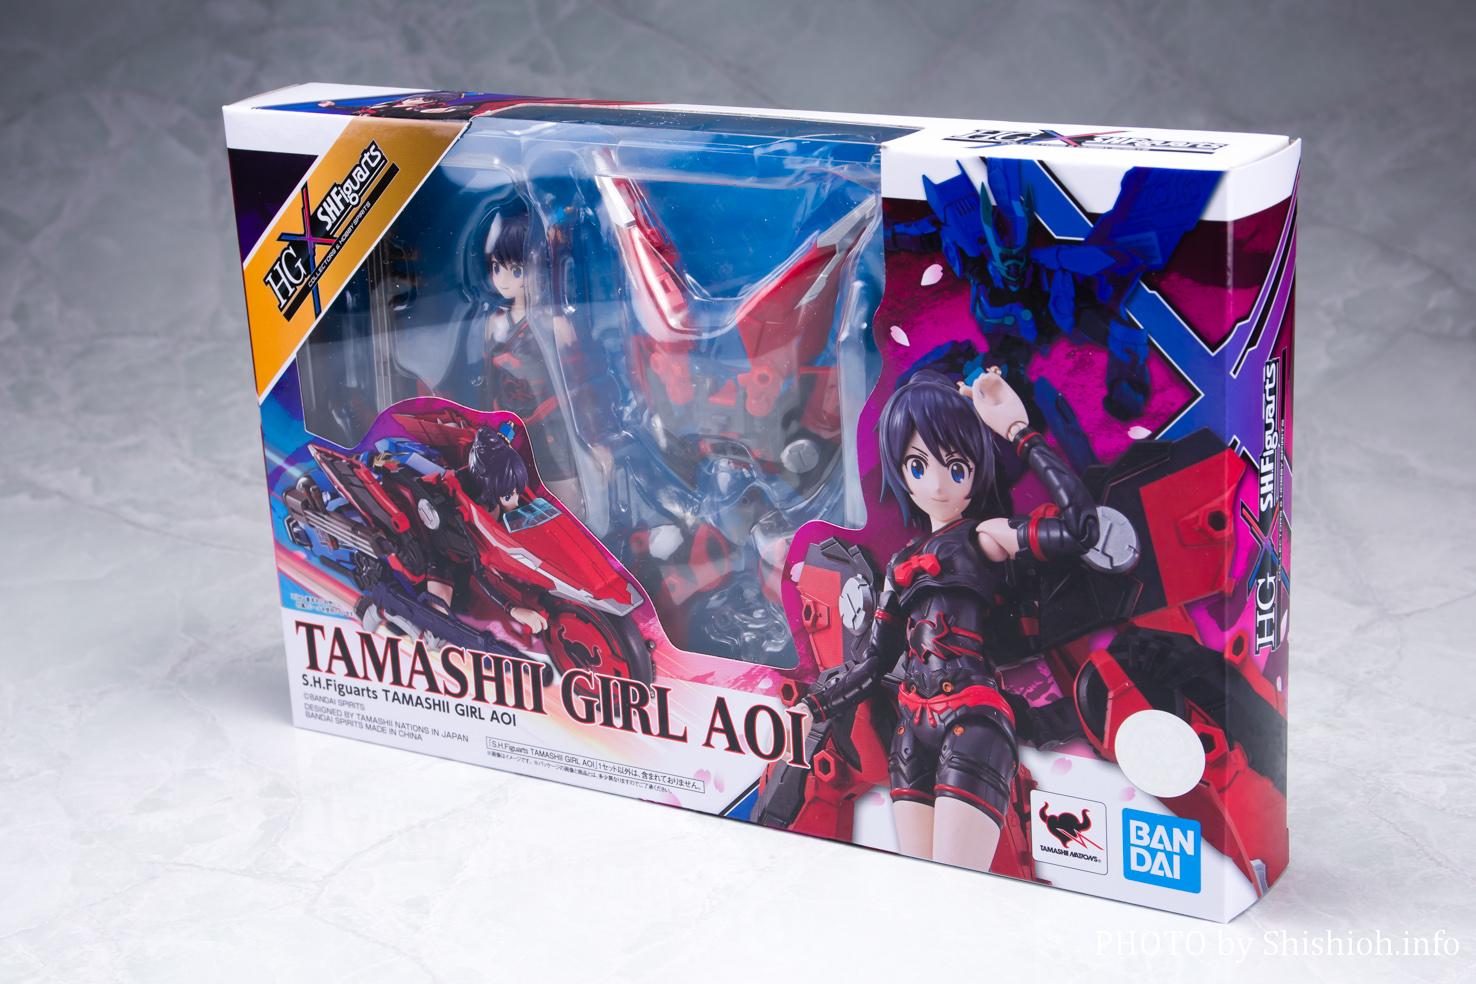 S.H.Figuarts TAMASHII GIRL AOI